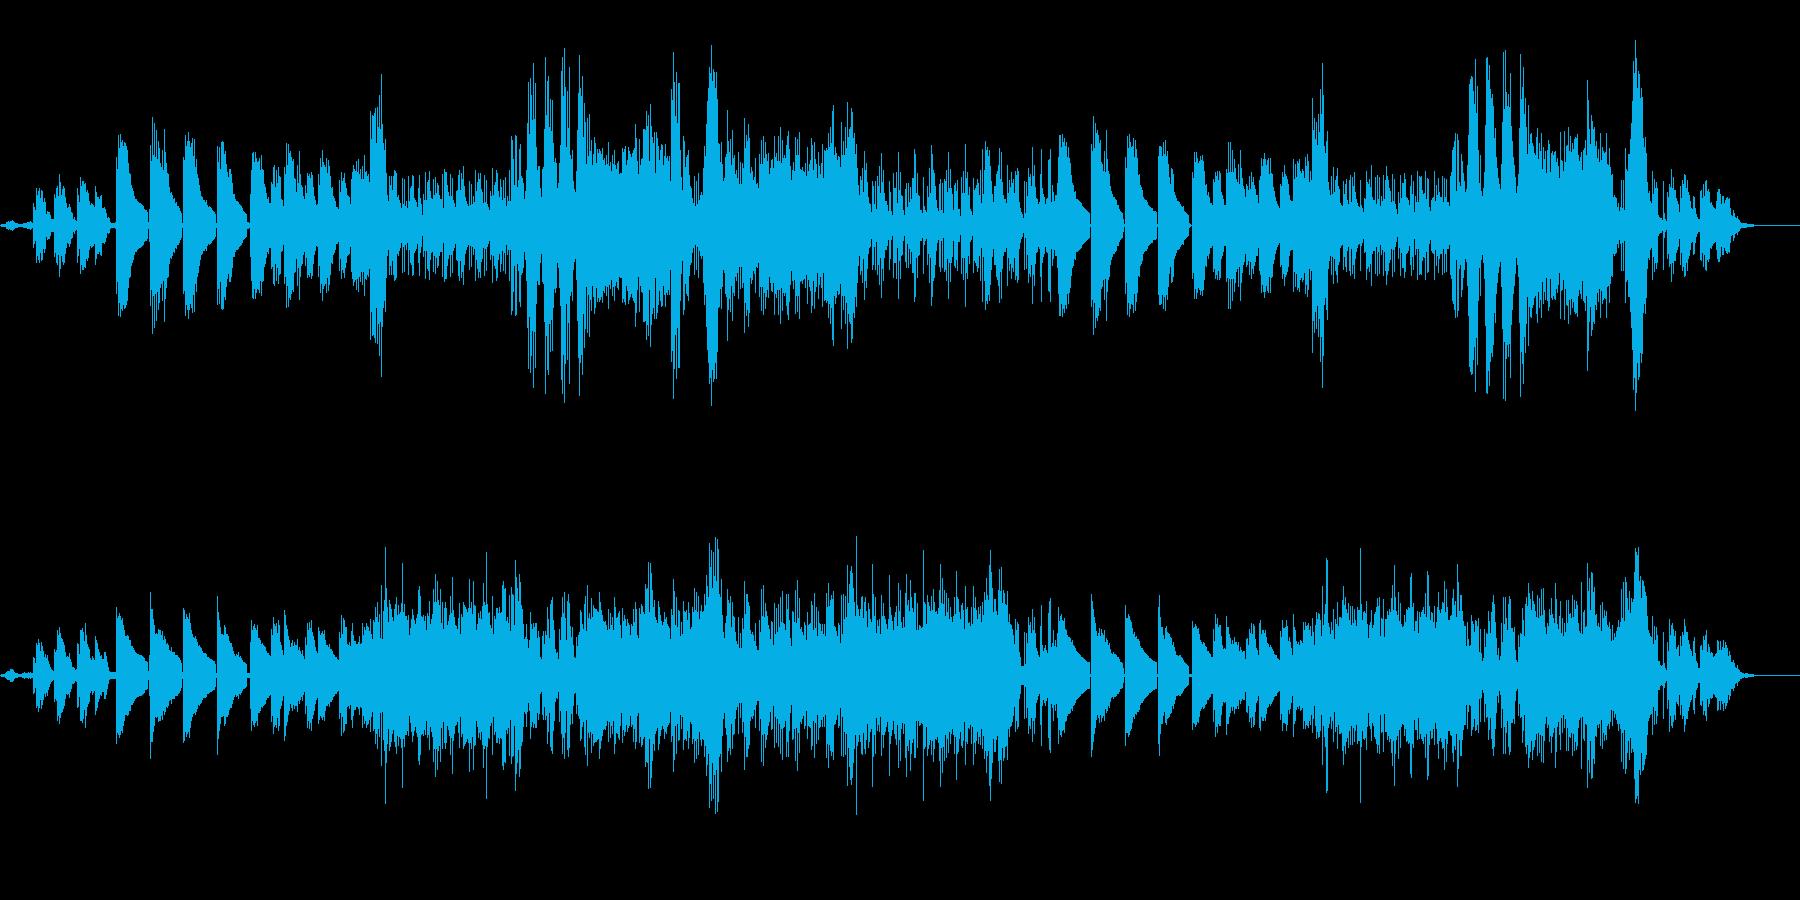 ゆったりとしたヒーリング系のアンビエントの再生済みの波形